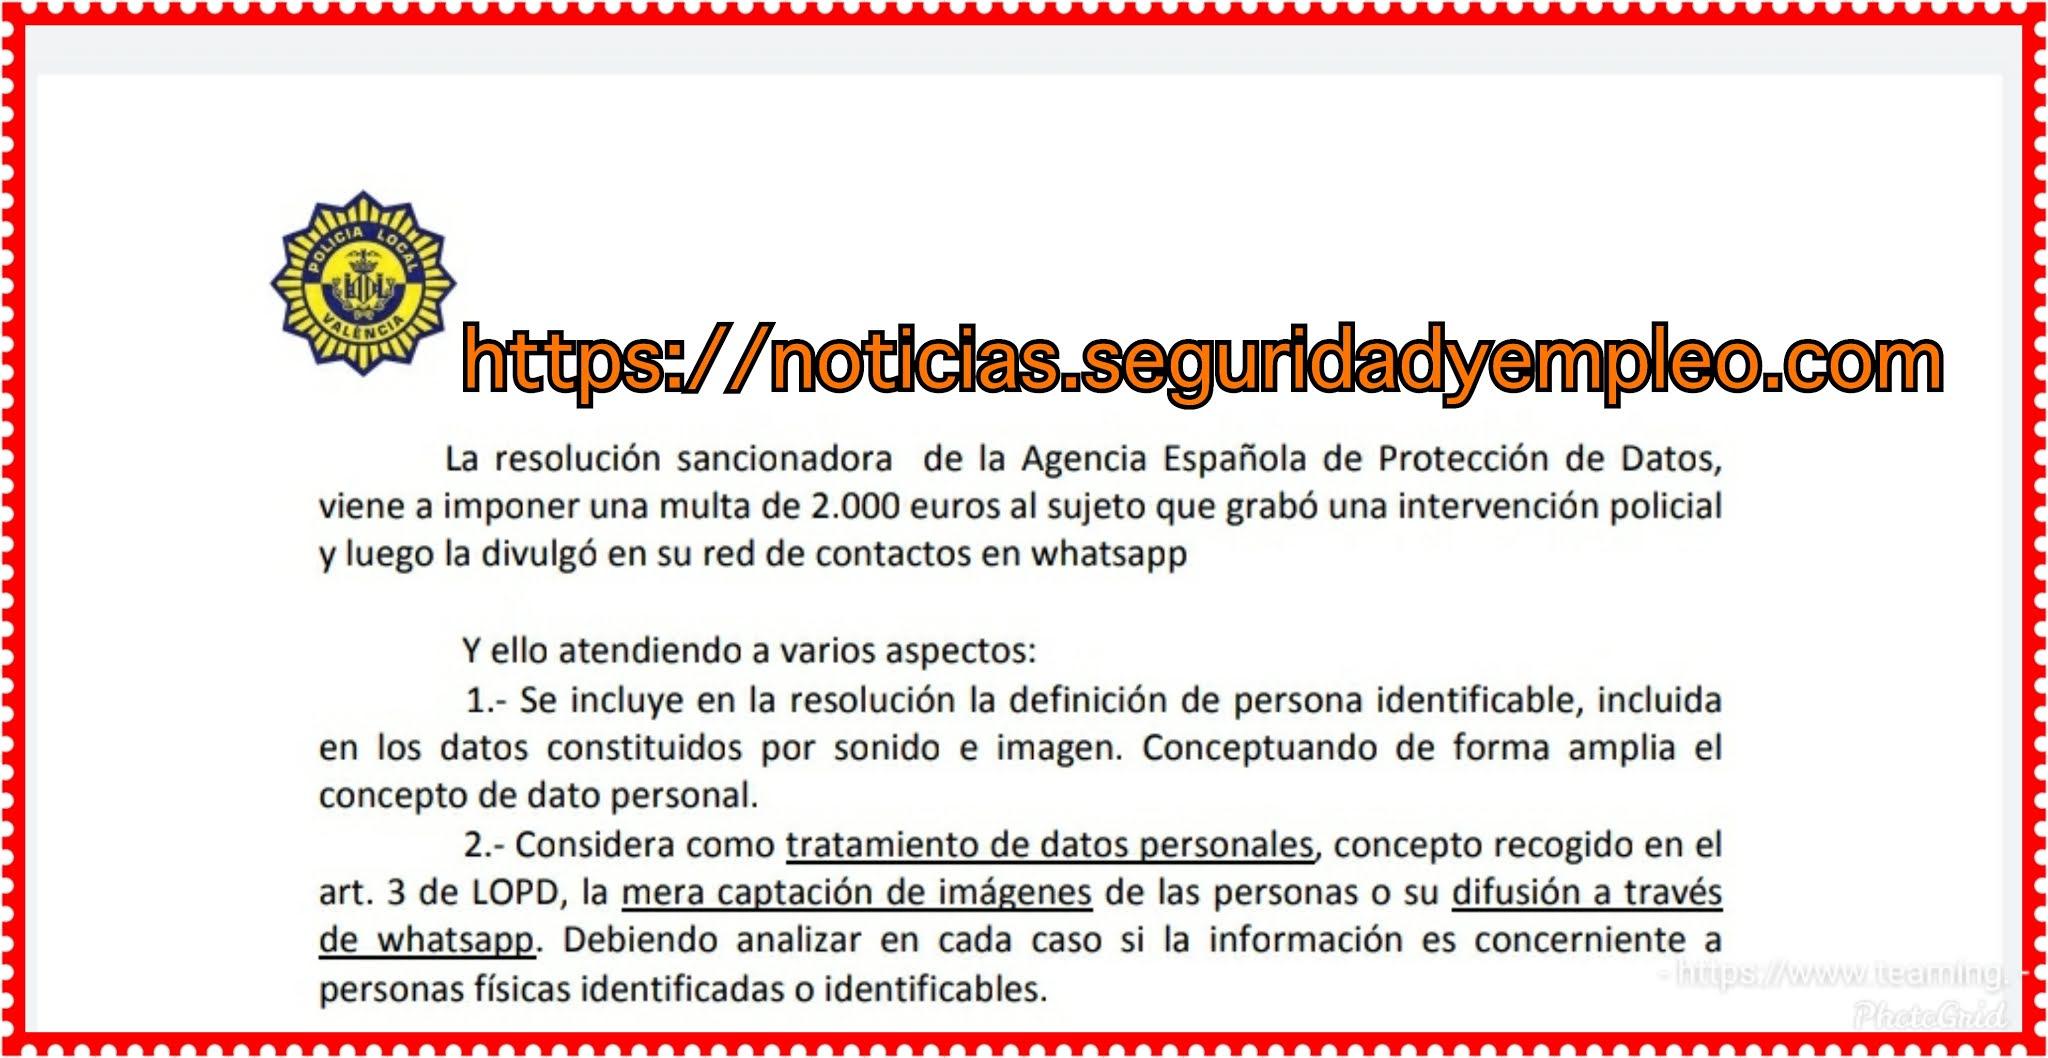 2.000 euros al sujeto que grabó una intervención policial   y luego la divulgó en su red de contactos en whatsapp